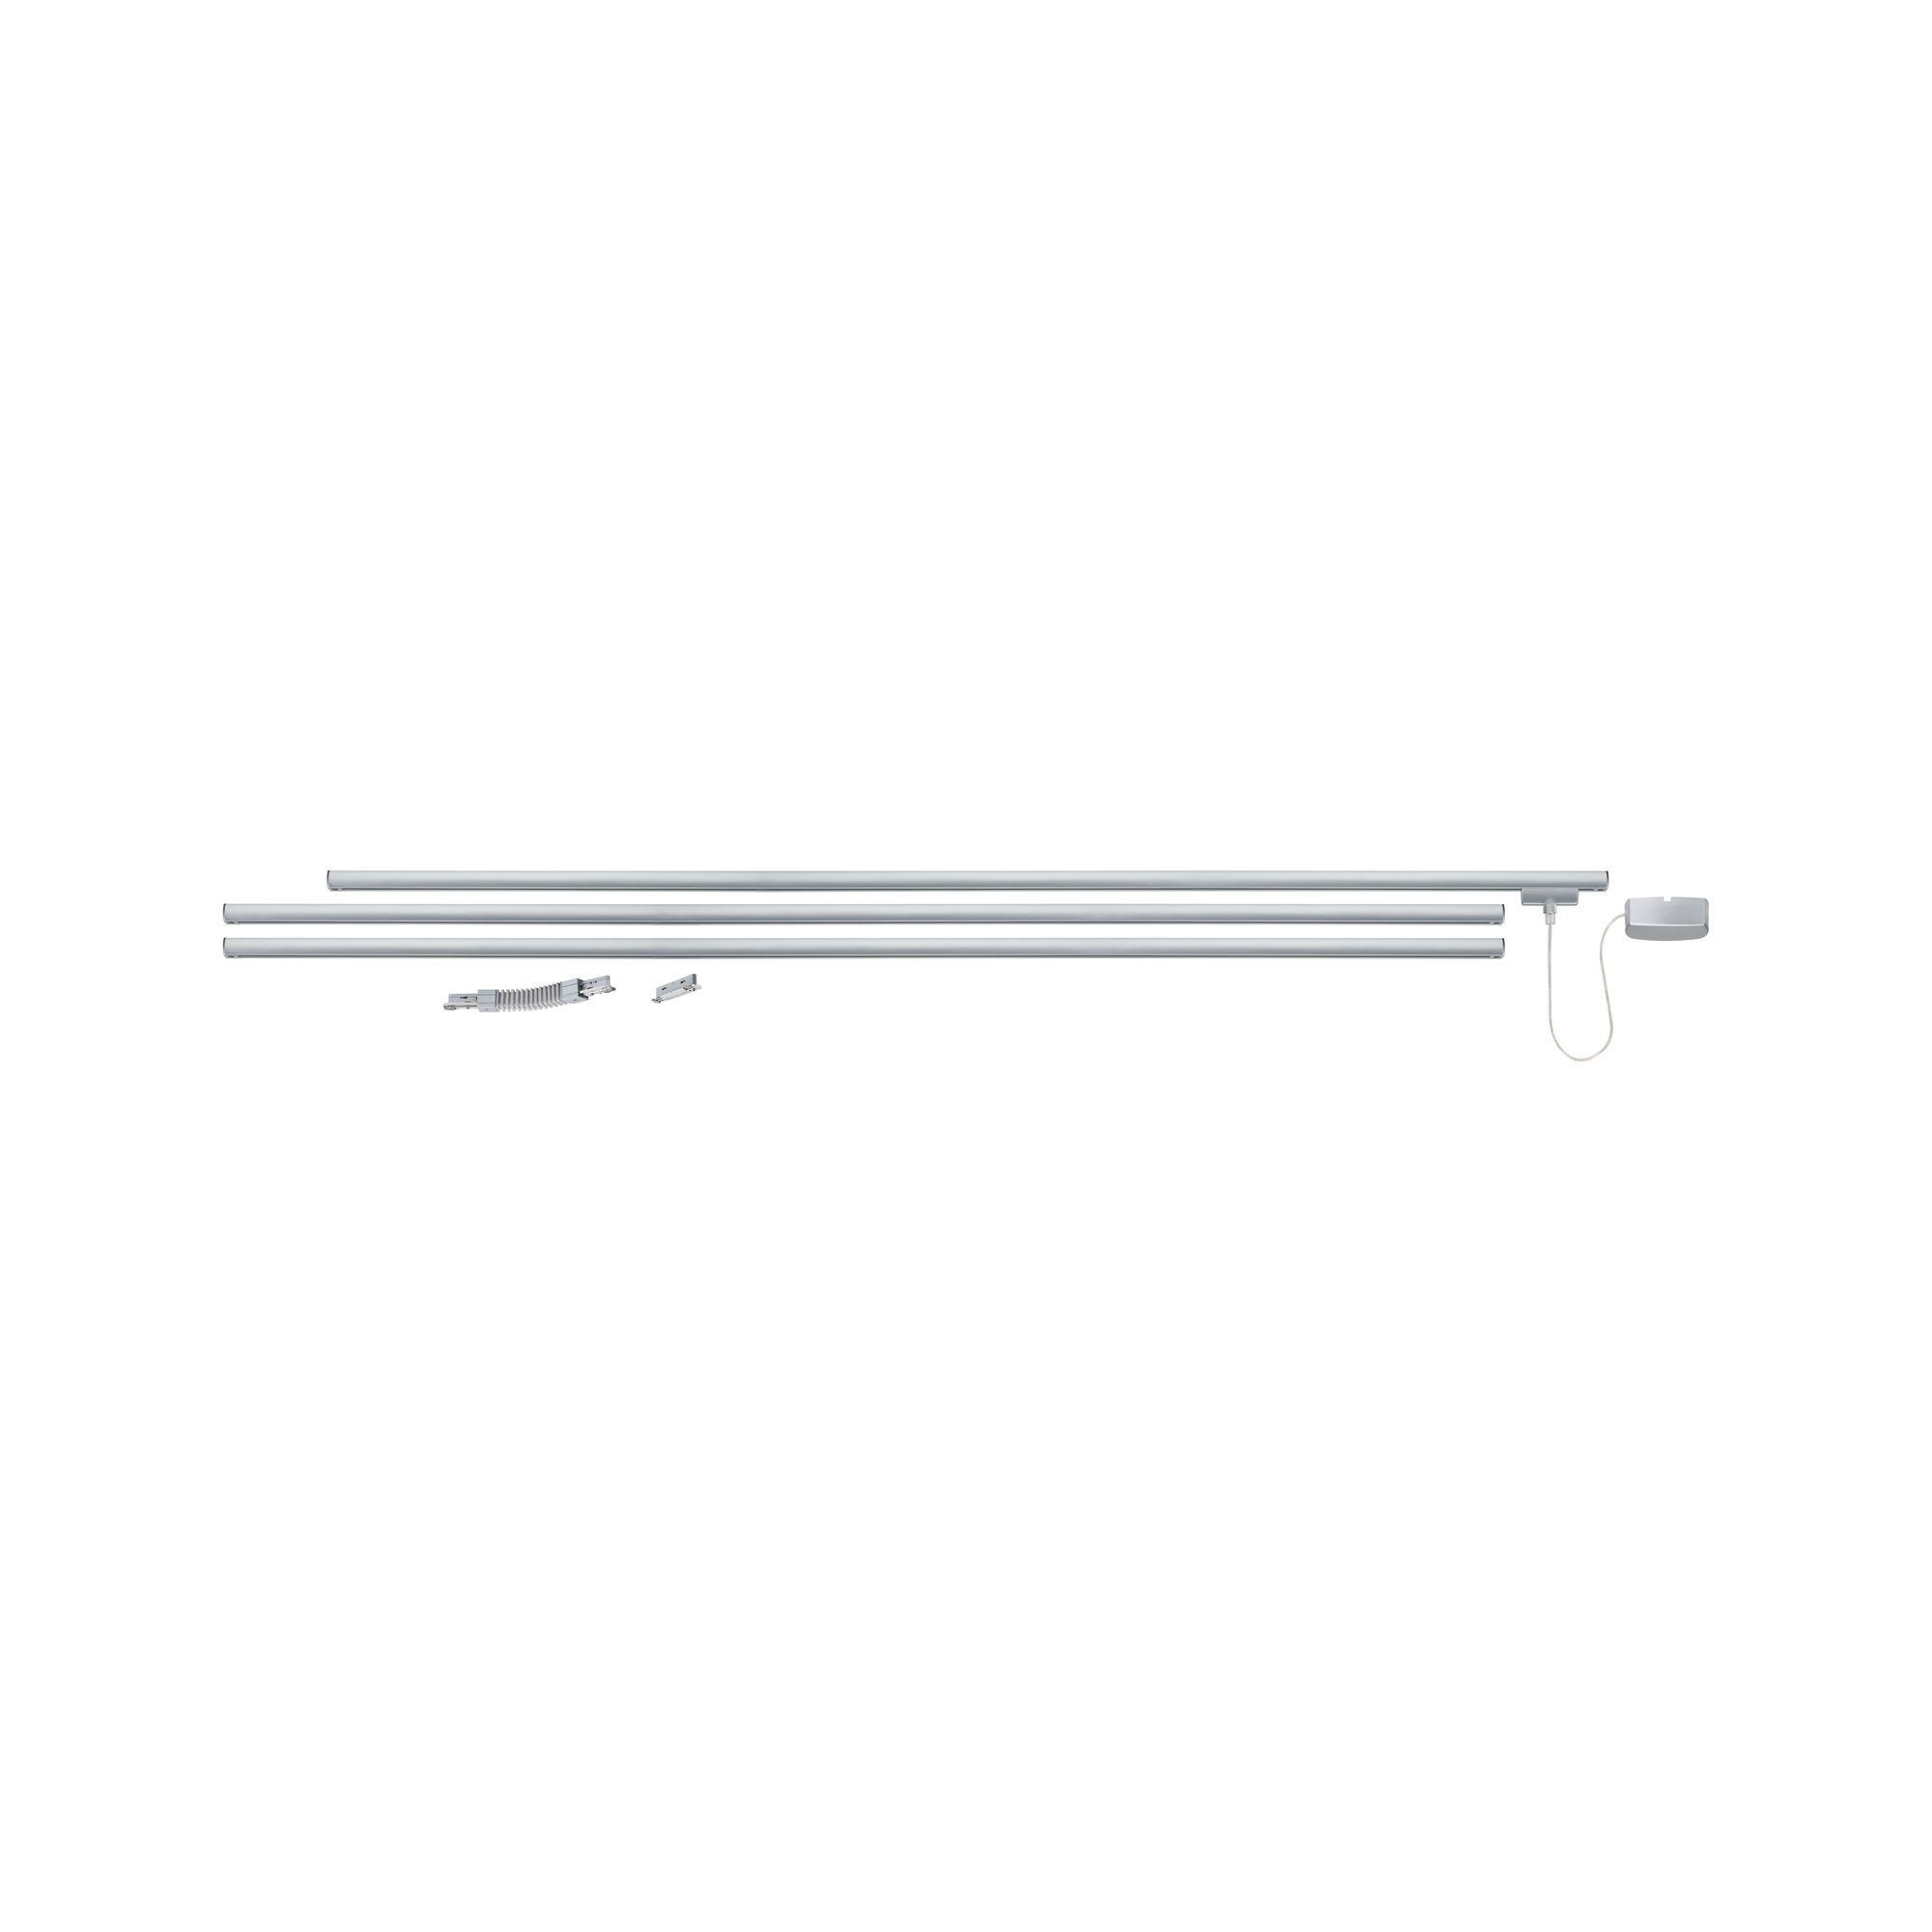 Paulmann URail System Light&Easy Basissystemmax. 1000W Chrom matt 230V Metall